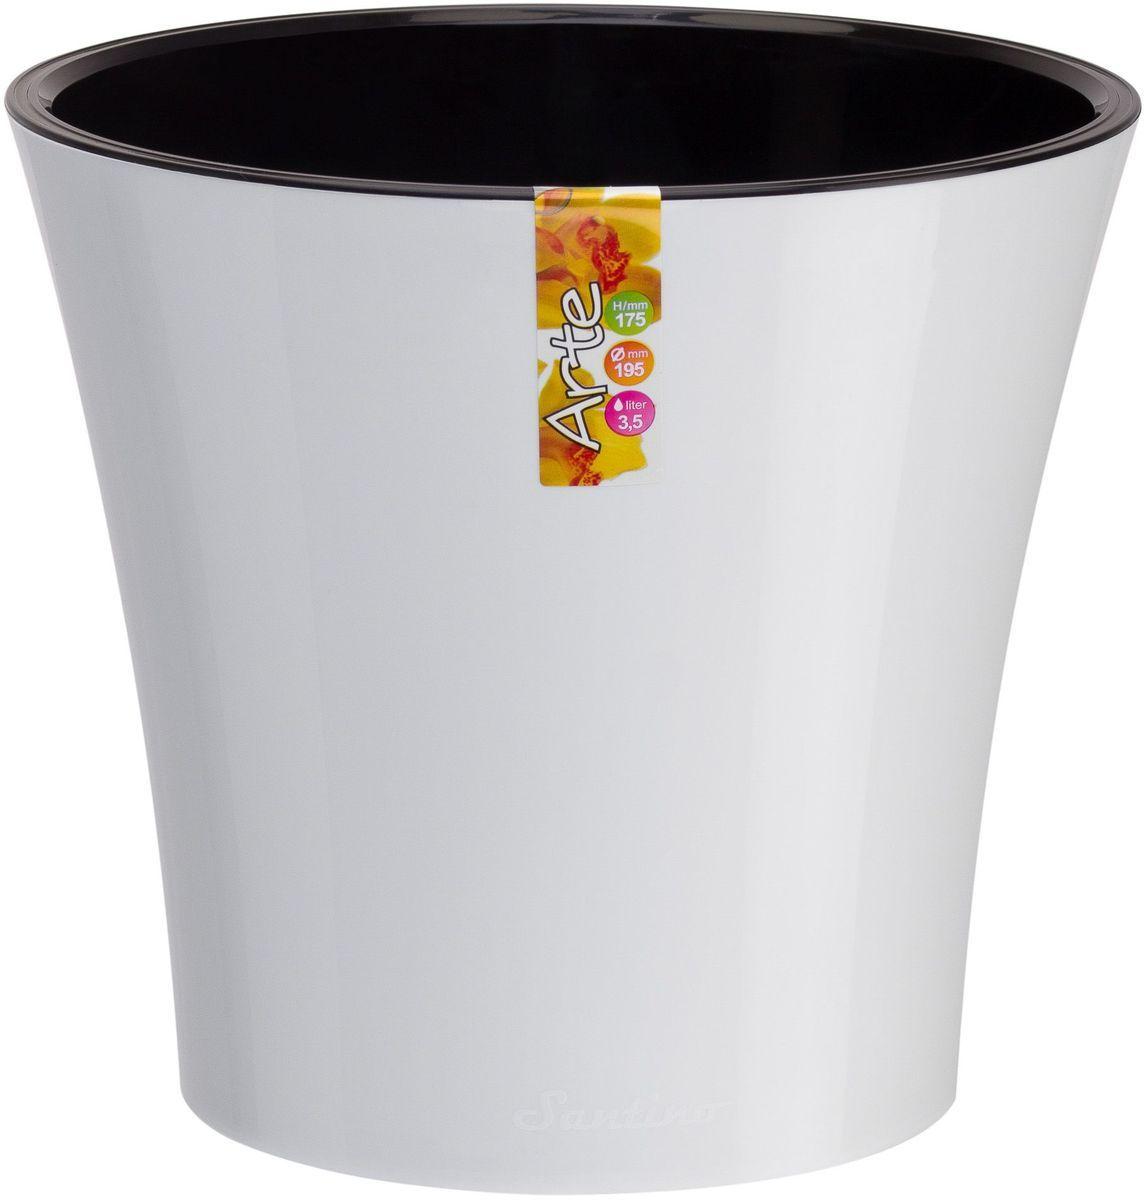 Горшок цветочный Santino Арте, двойной, с системой автополива, цвет: белый, черный, 3,5 л531-402Любой, даже самый современный и продуманный интерьер будет незавершённым без растений. Они не только очищают воздух и насыщают его кислородом, но и украшают окружающее пространство. Такому полезному члену семьи просто необходим красивый и функциональный дом! Мы предлагаем #name#! Оптимальный выбор материала — пластмасса! Почему мы так считаем?Малый вес. С лёгкостью переносите горшки и кашпо с места на место, ставьте их на столики или полки, не беспокоясь о нагрузке. Простота ухода. Кашпо не нуждается в специальных условиях хранения. Его легко чистить — достаточно просто сполоснуть тёплой водой. Никаких потёртостей. Такие кашпо не царапают и не загрязняют поверхности, на которых стоят. Пластик дольше хранит влагу, а значит, растение реже нуждается в поливе. Пластмасса не пропускает воздух — корневой системе растения не грозят резкие перепады температур. Огромный выбор форм, декора и расцветок — вы без труда найдёте что-то, что идеально впишется в уже существующий интерьер. Соблюдая нехитрые правила ухода, вы можете заметно продлить срок службы горшков и кашпо из пластика:всегда учитывайте размер кроны и корневой системы (при разрастании большое растение способно повредить маленький горшок)берегите изделие от воздействия прямых солнечных лучей, чтобы горшки не выцветалидержите кашпо из пластика подальше от нагревающихся поверхностей. Создавайте прекрасные цветочные композиции, выращивайте рассаду или необычные растения.